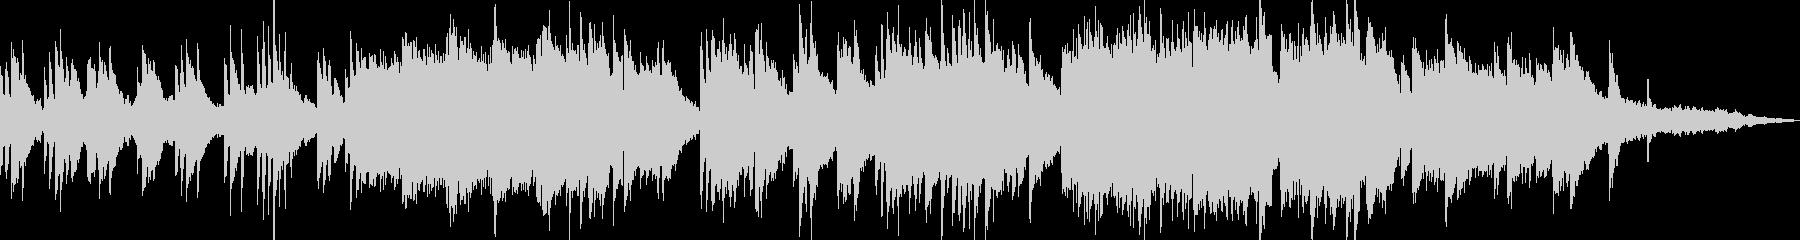 【ピアノソロ】バラード・ピアノ・透明感の未再生の波形